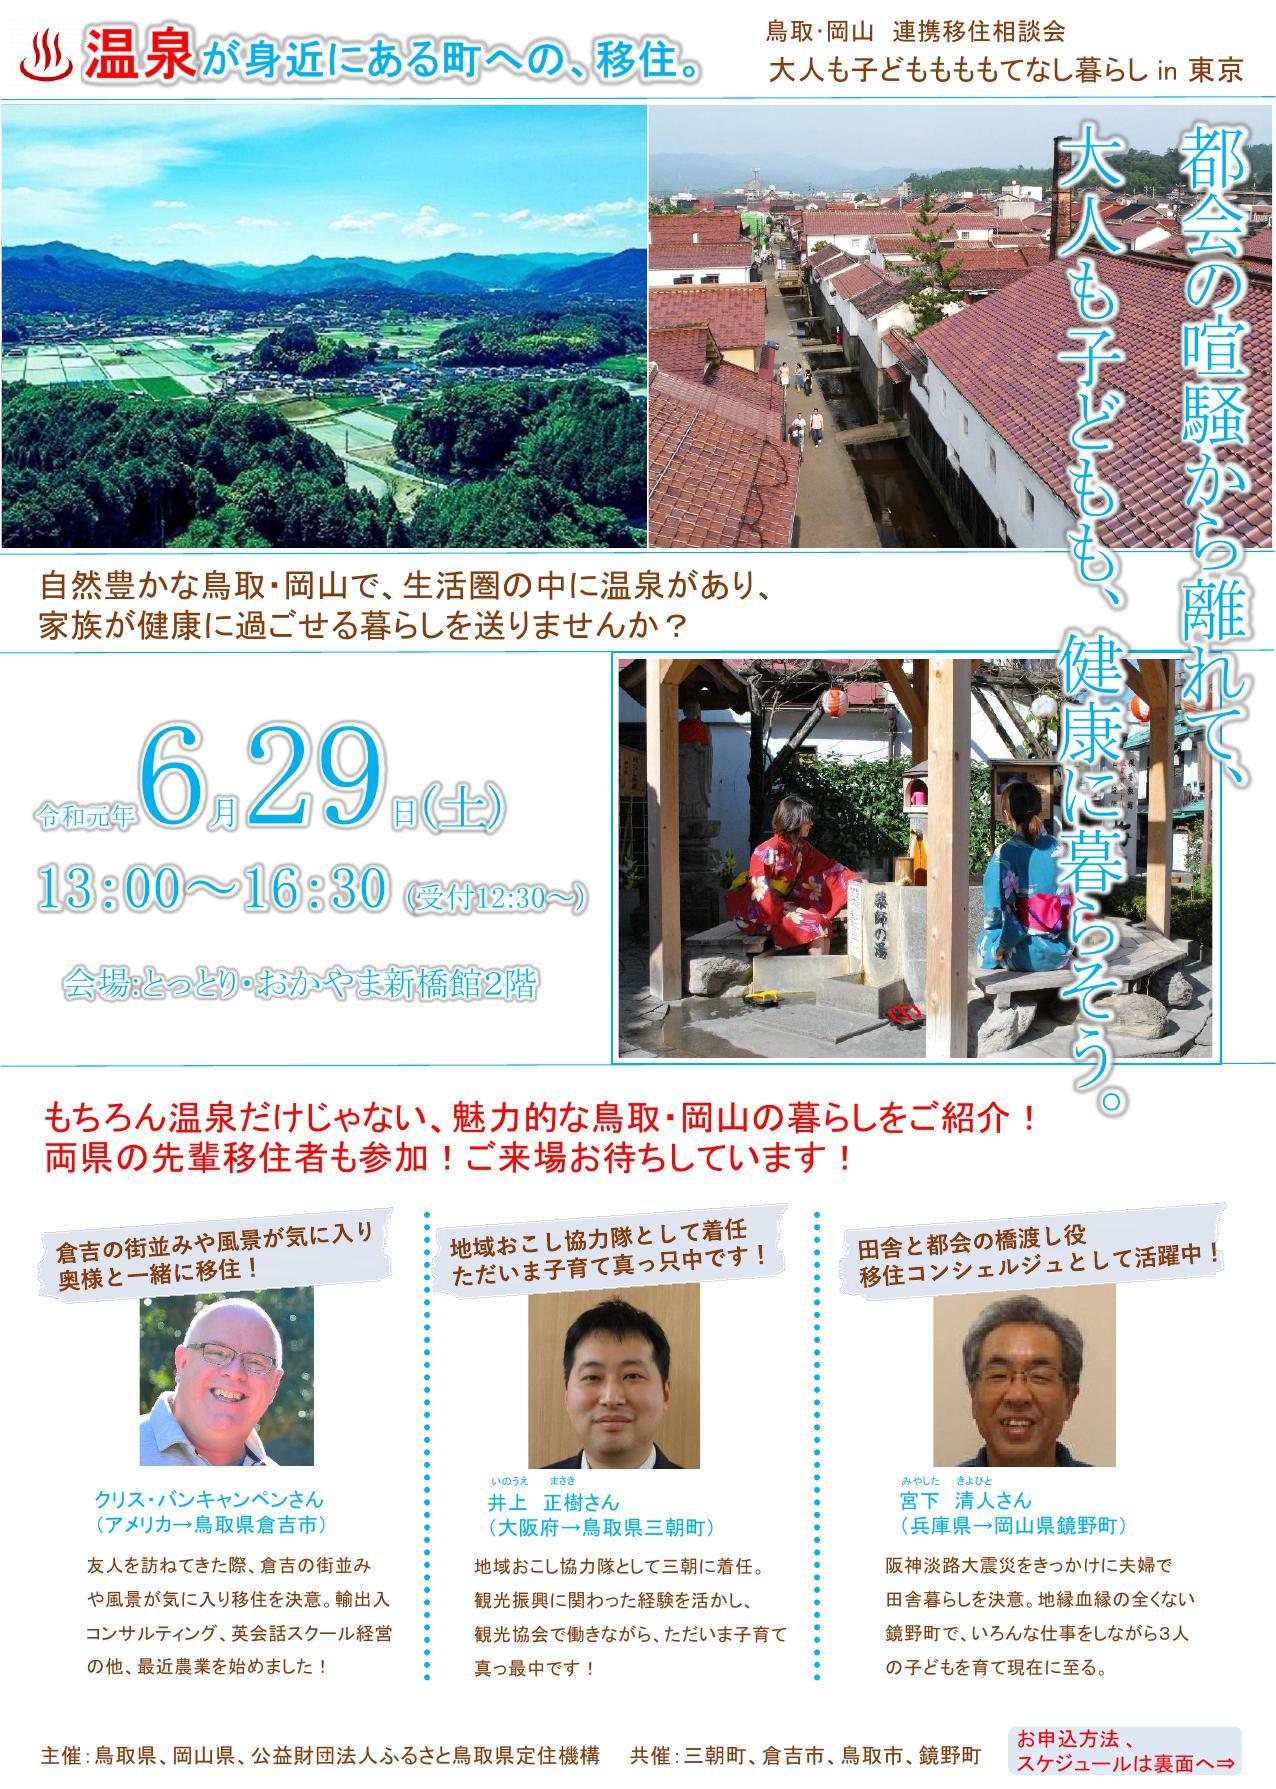 【チラシ】6.29鳥取・岡山連携移住相談会 ※鳥取市記載_000001